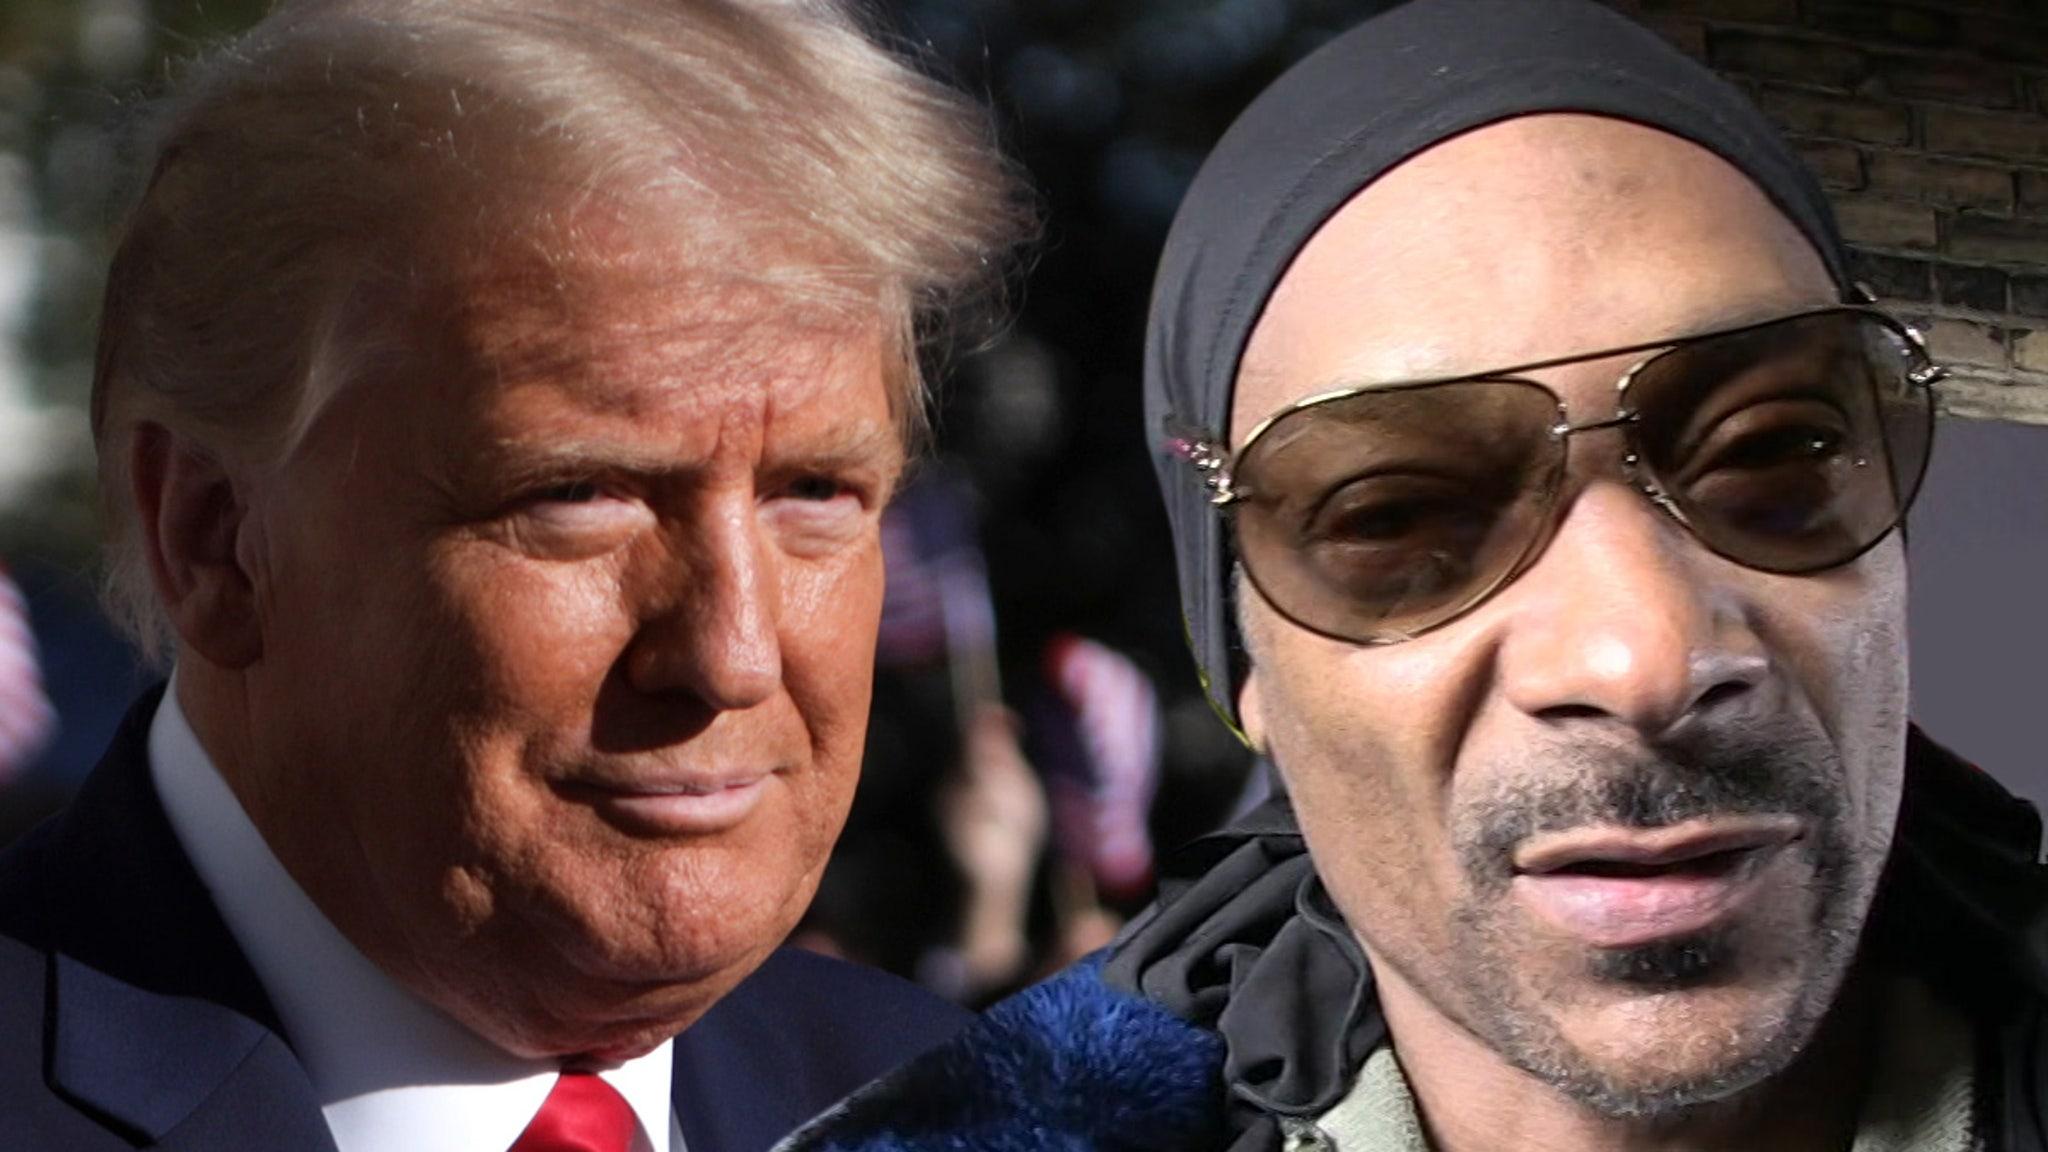 Снуп Догг, как сообщается, лоббирует Трампа, чтобы освободить соучредителя Death Row Records